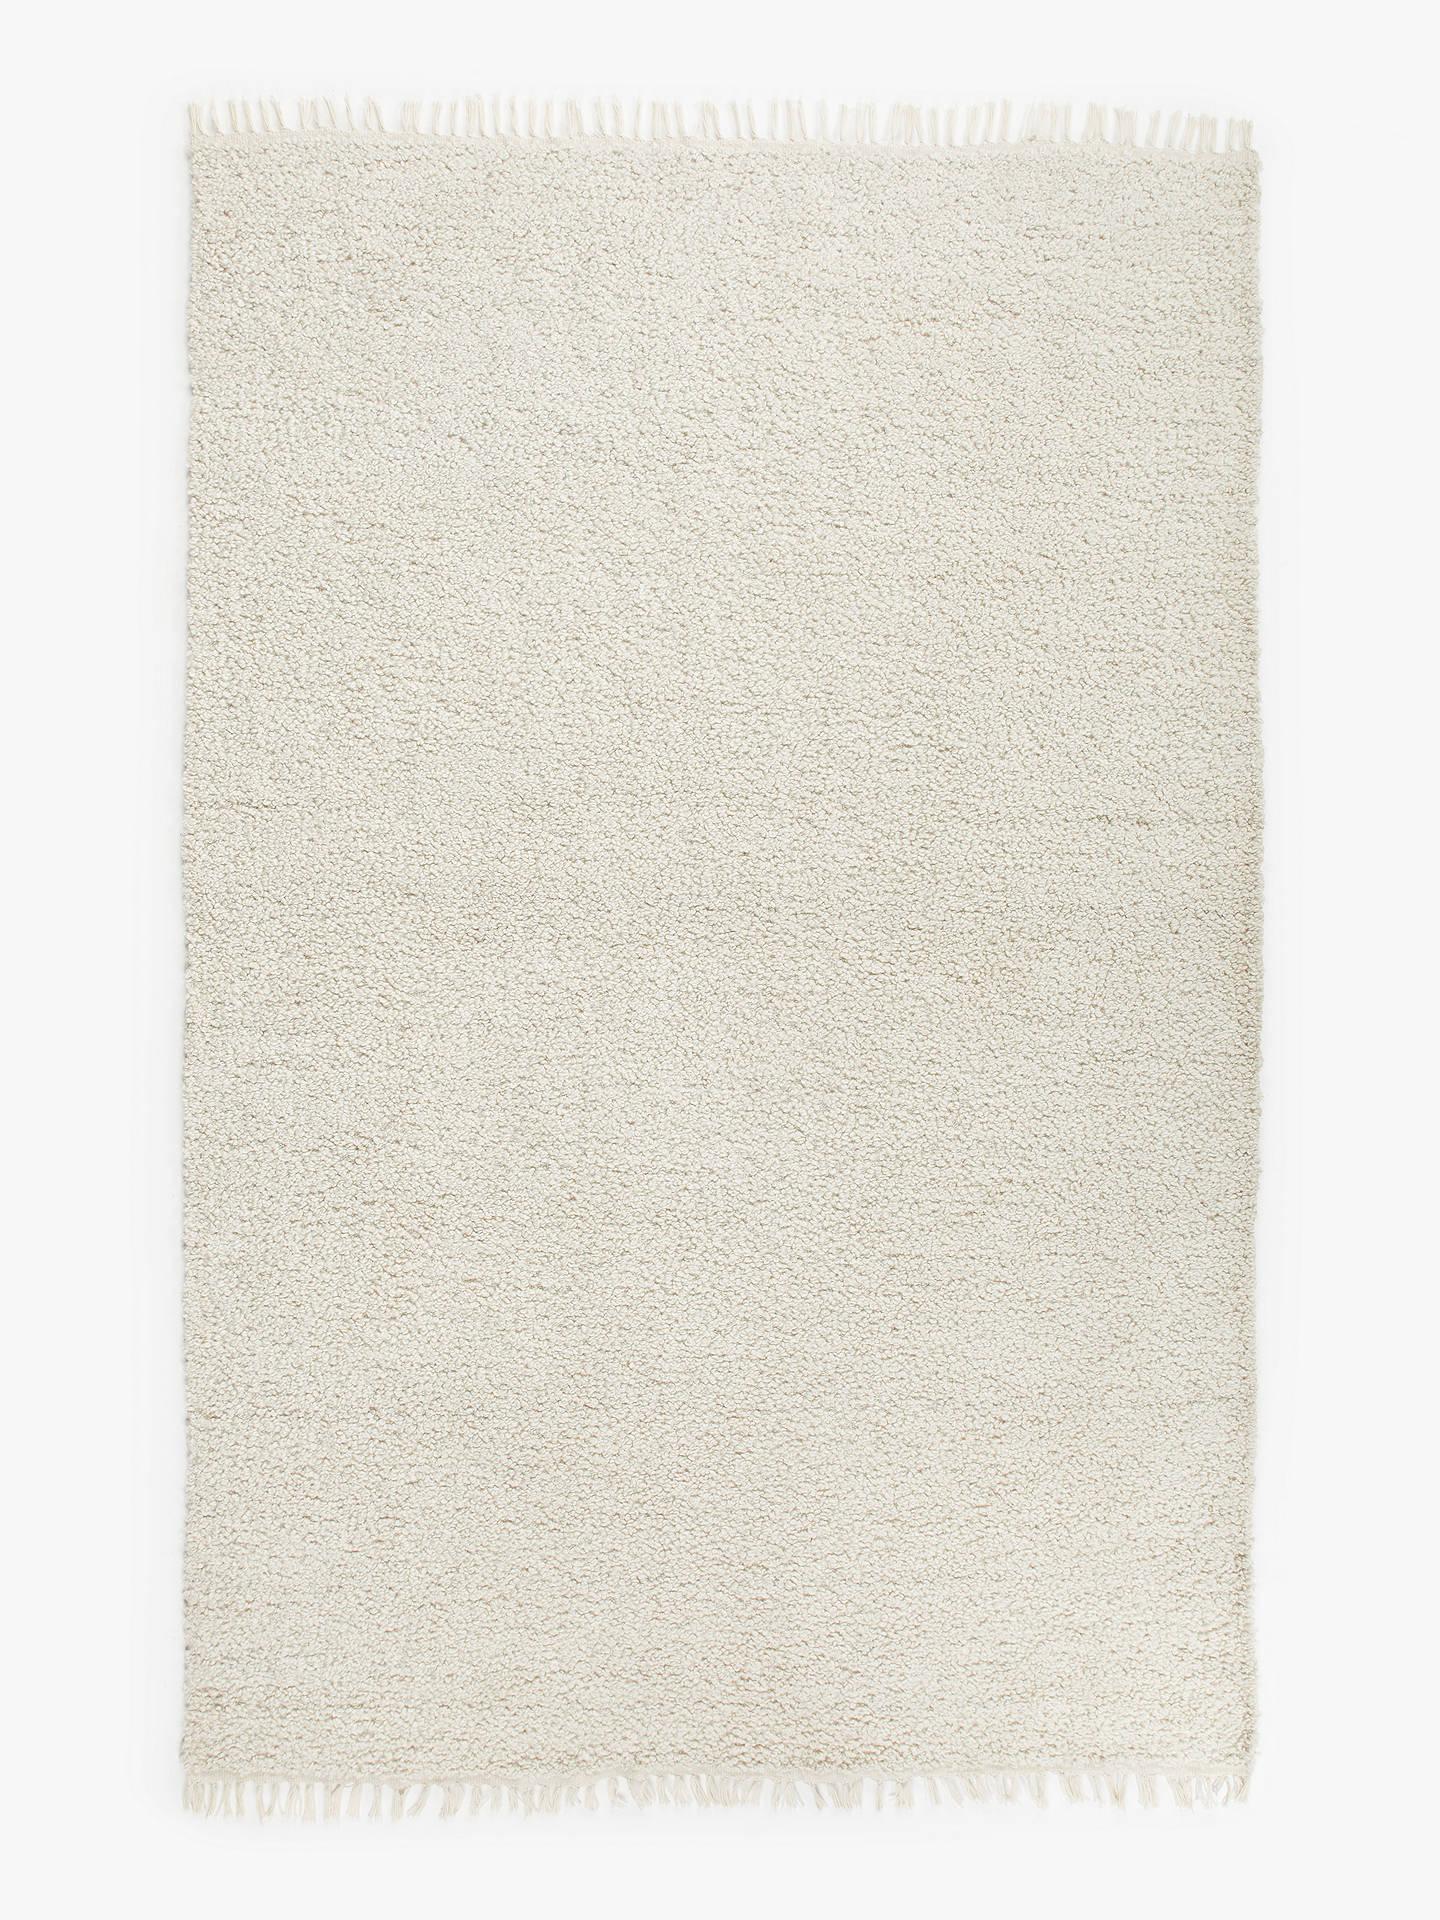 John lewis partners fyn recycled plastic indoor outdoor rug l120 x w170 cm cream